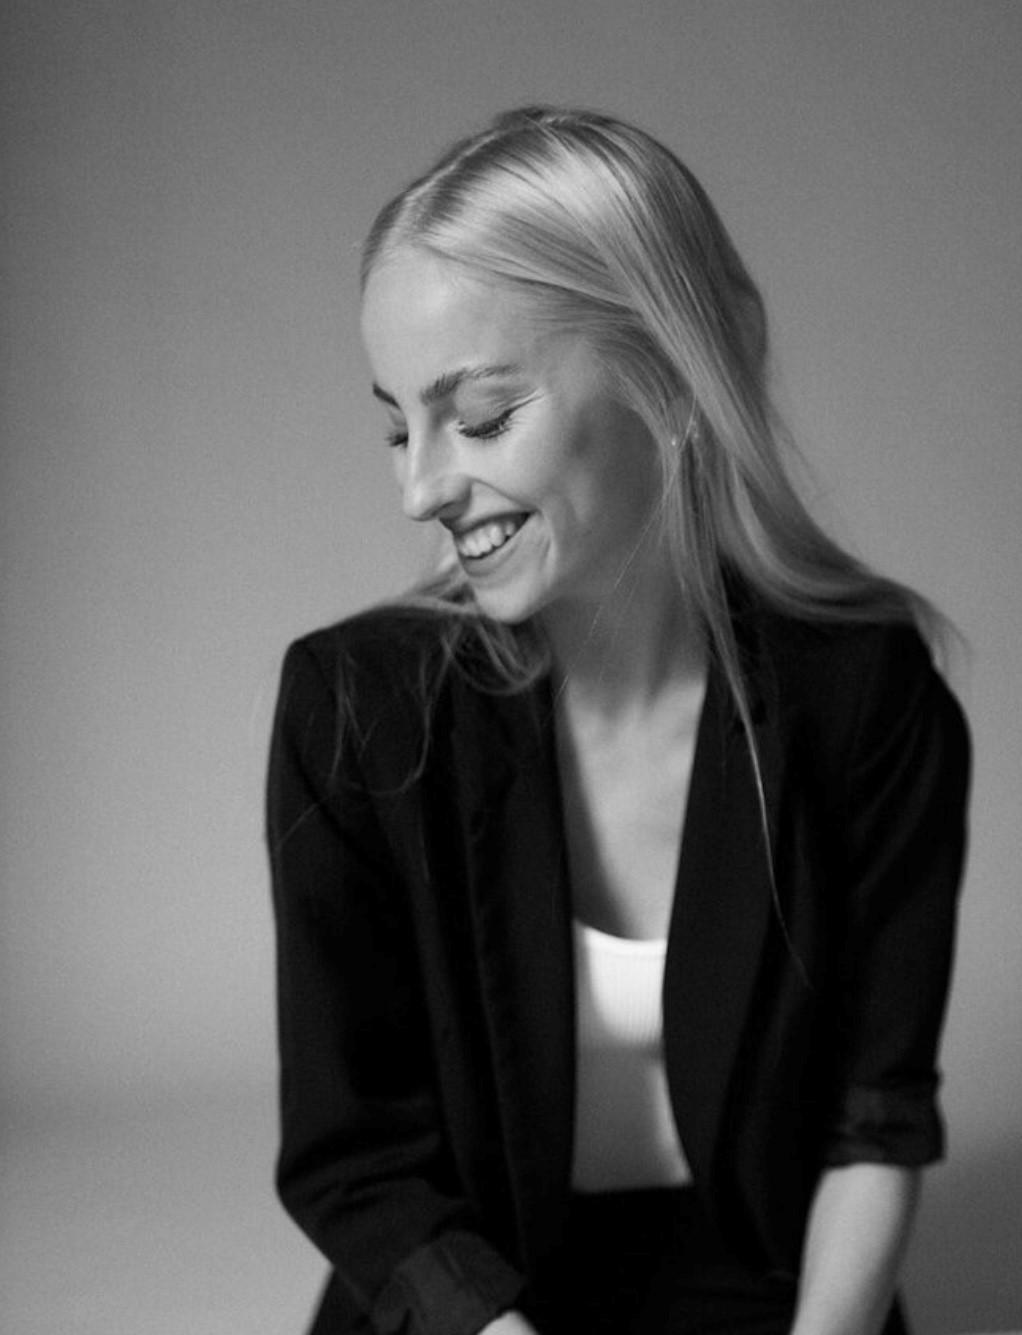 Laura Hanowski